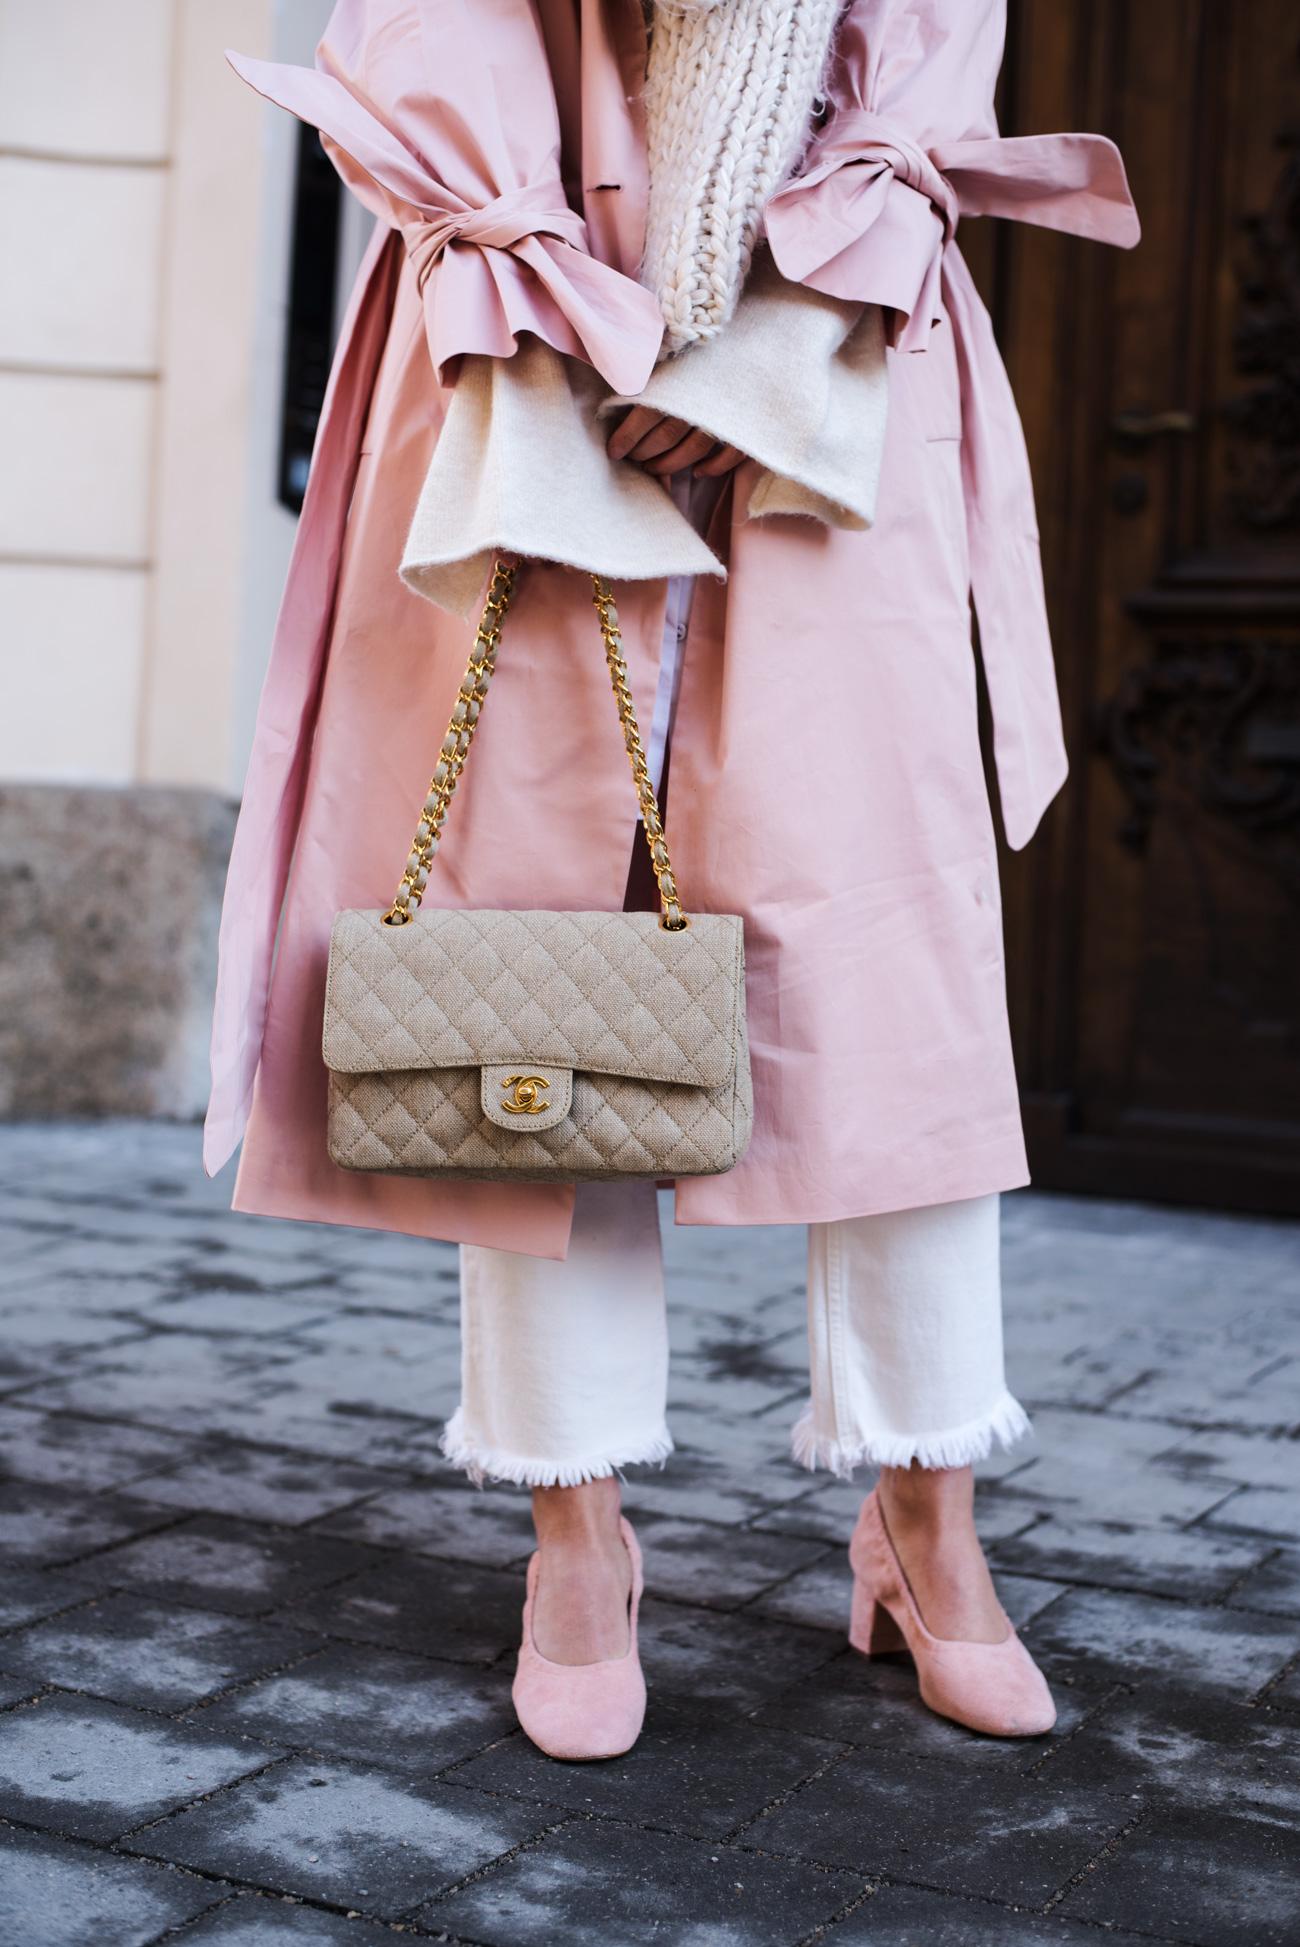 outfit-rosa-und-weiß-frühlingsfarben-trend-20117-jeans-mit-fransen-saum-blogger-style-fashiioncarpet